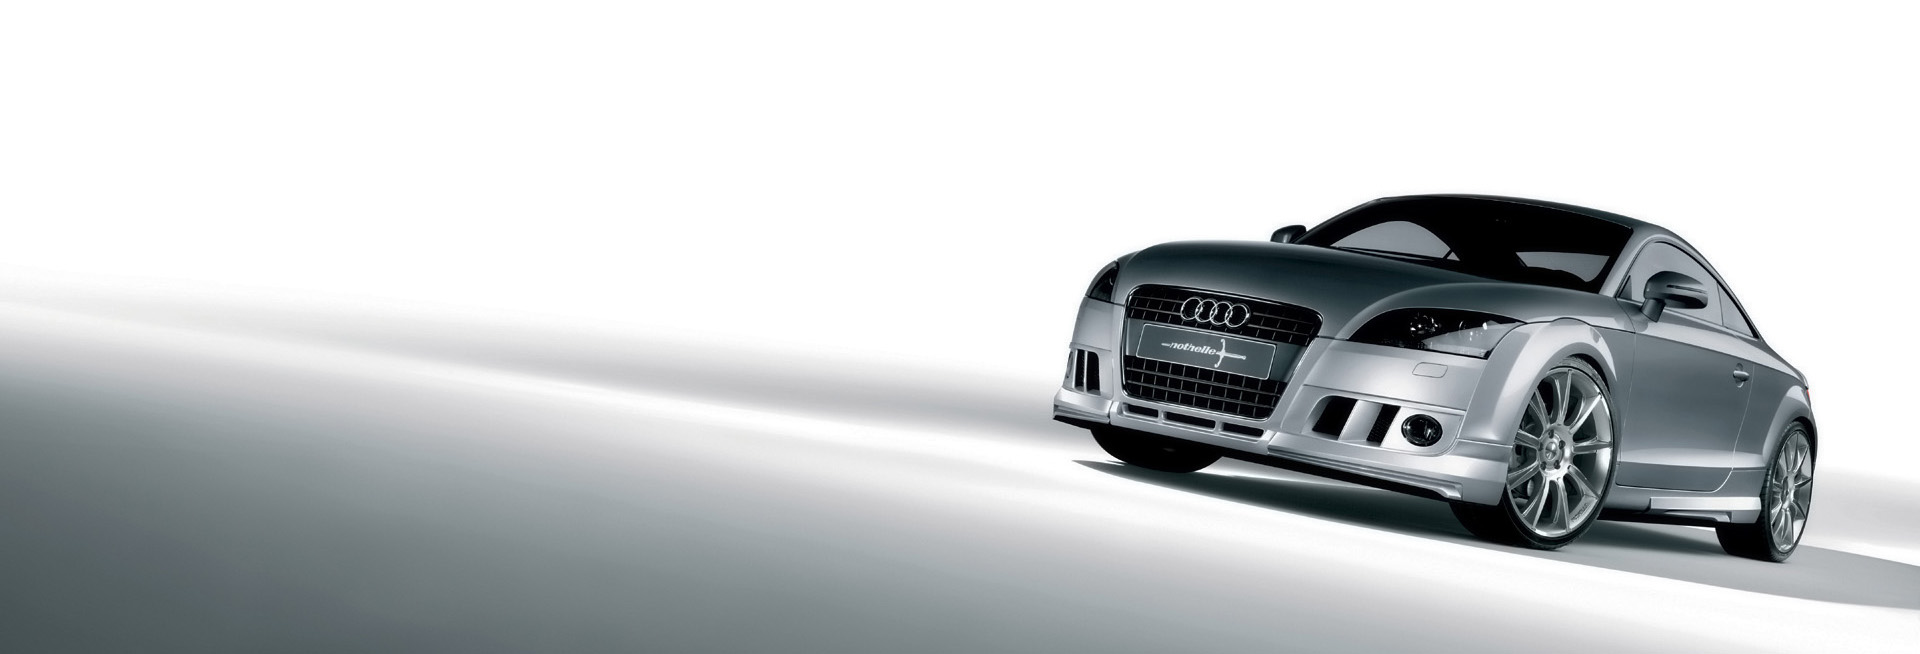 Nothelle Audi TT photo #1